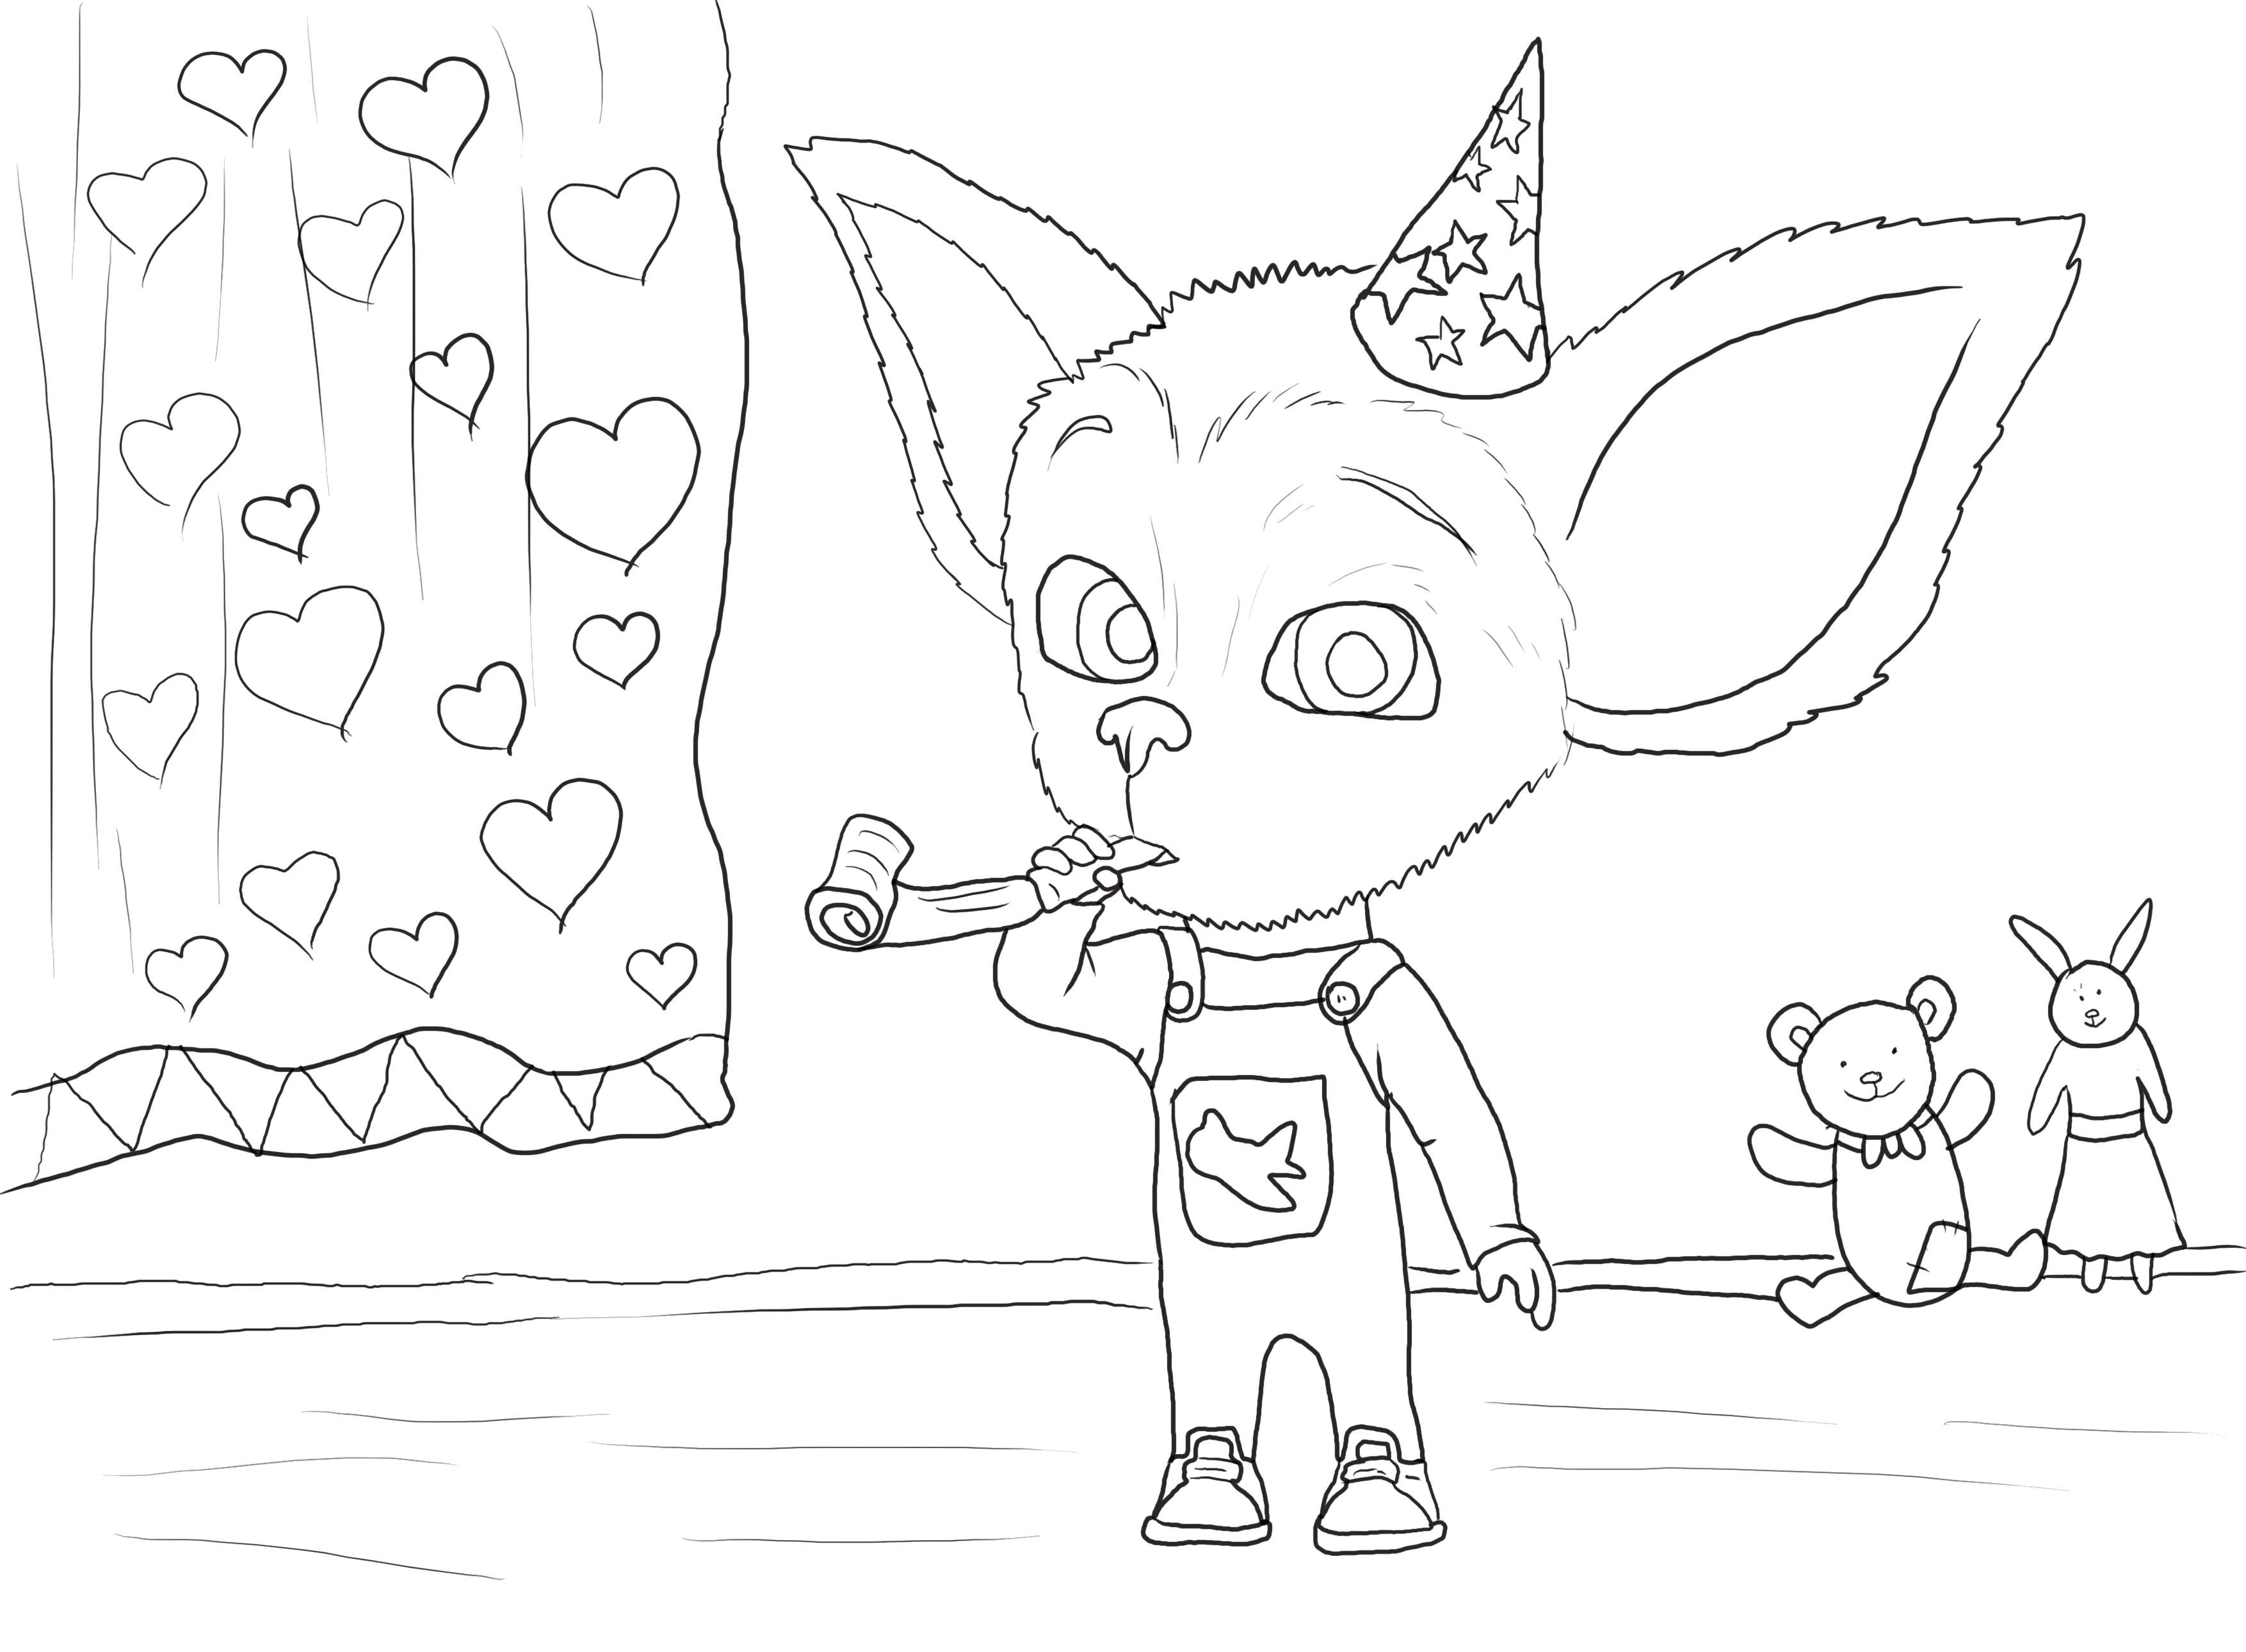 Раскраска Малыш Барбоскин, Малыш отмечает праздник. Скачать Барбоскины.  Распечатать Барбоскины